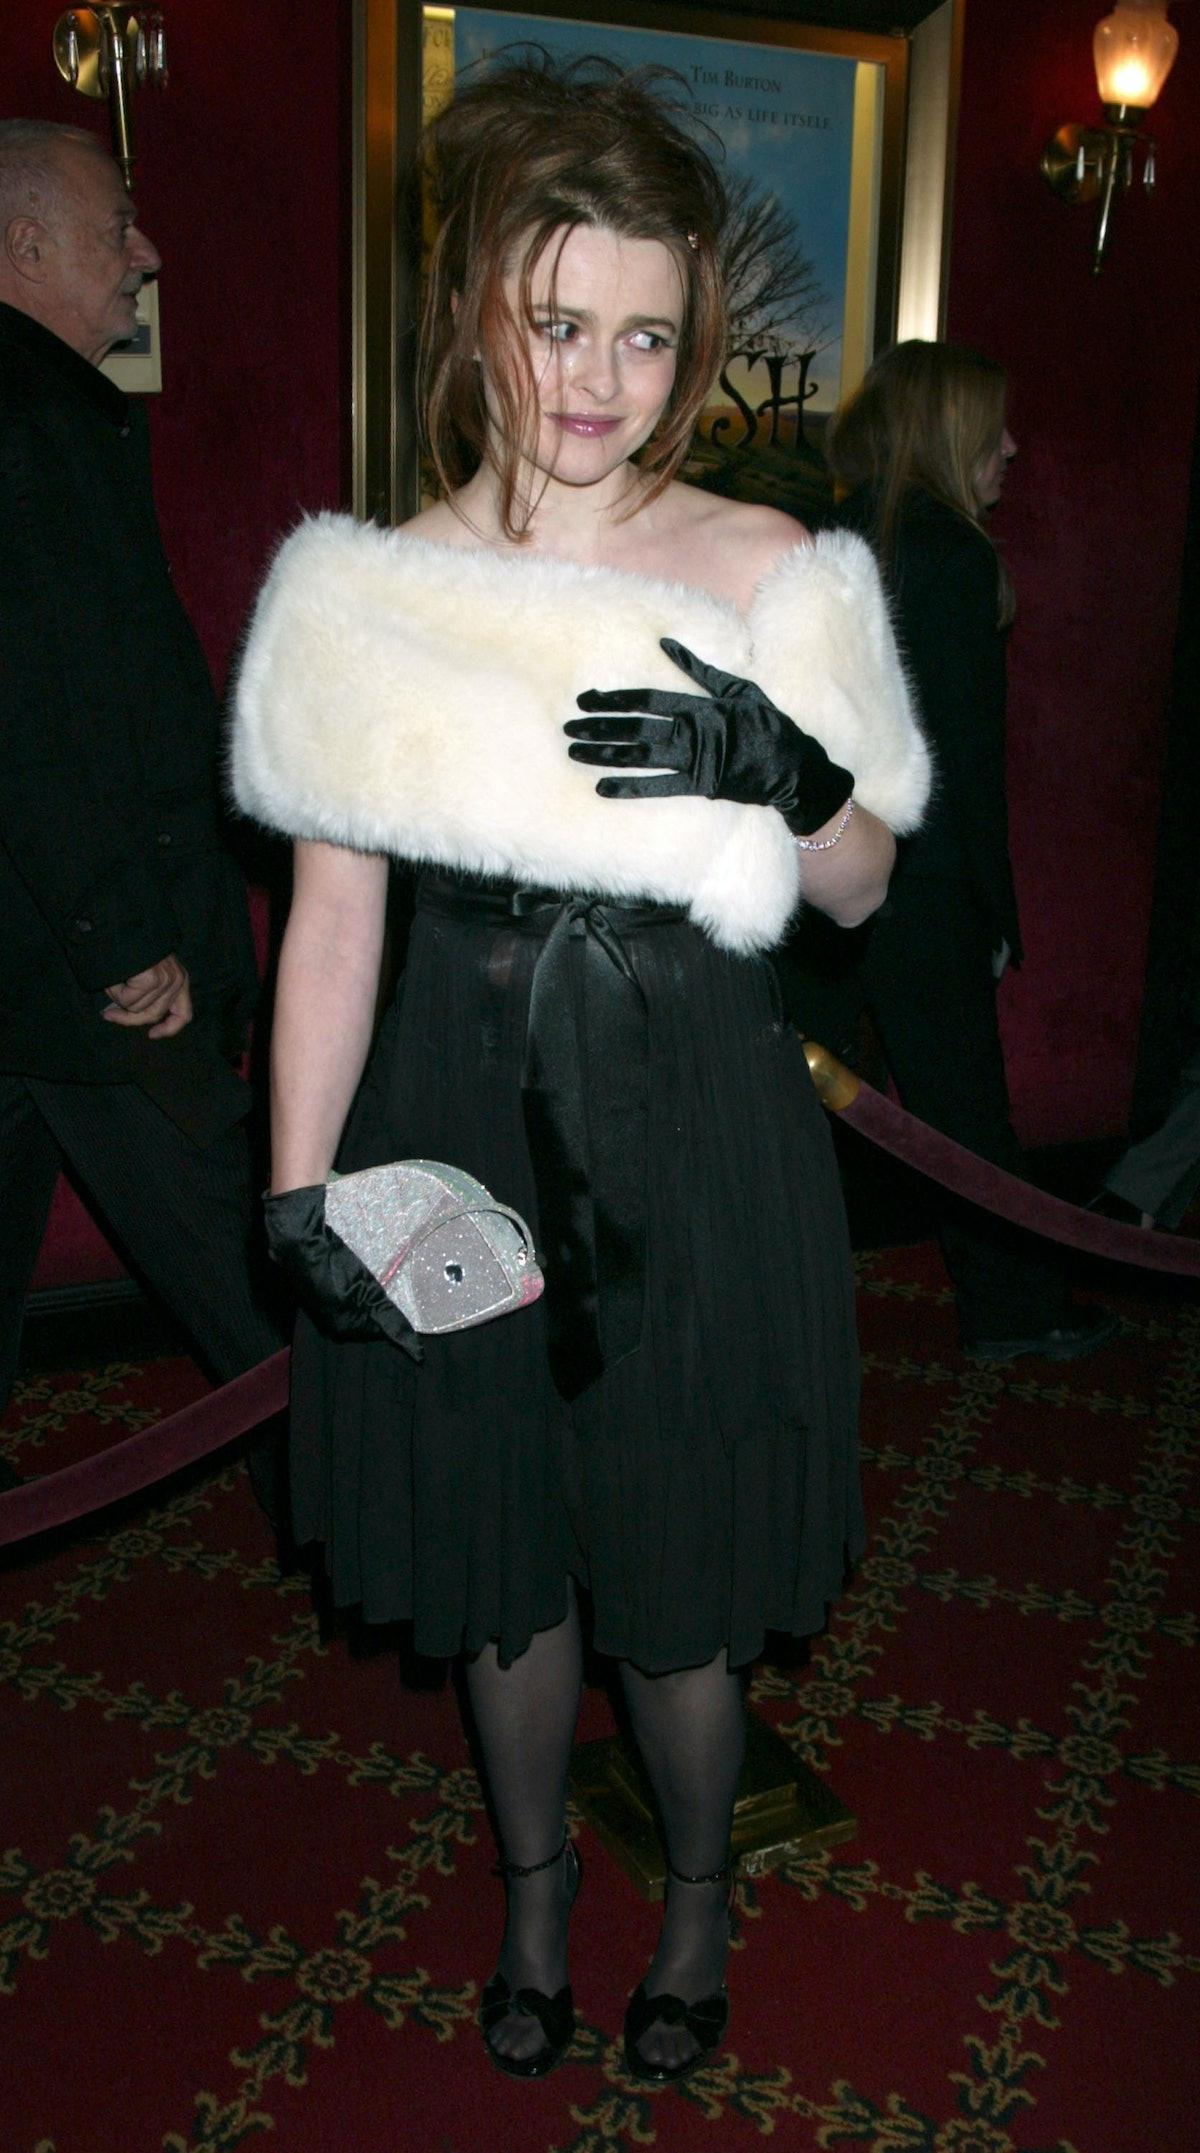 HBC wearing a fur stole